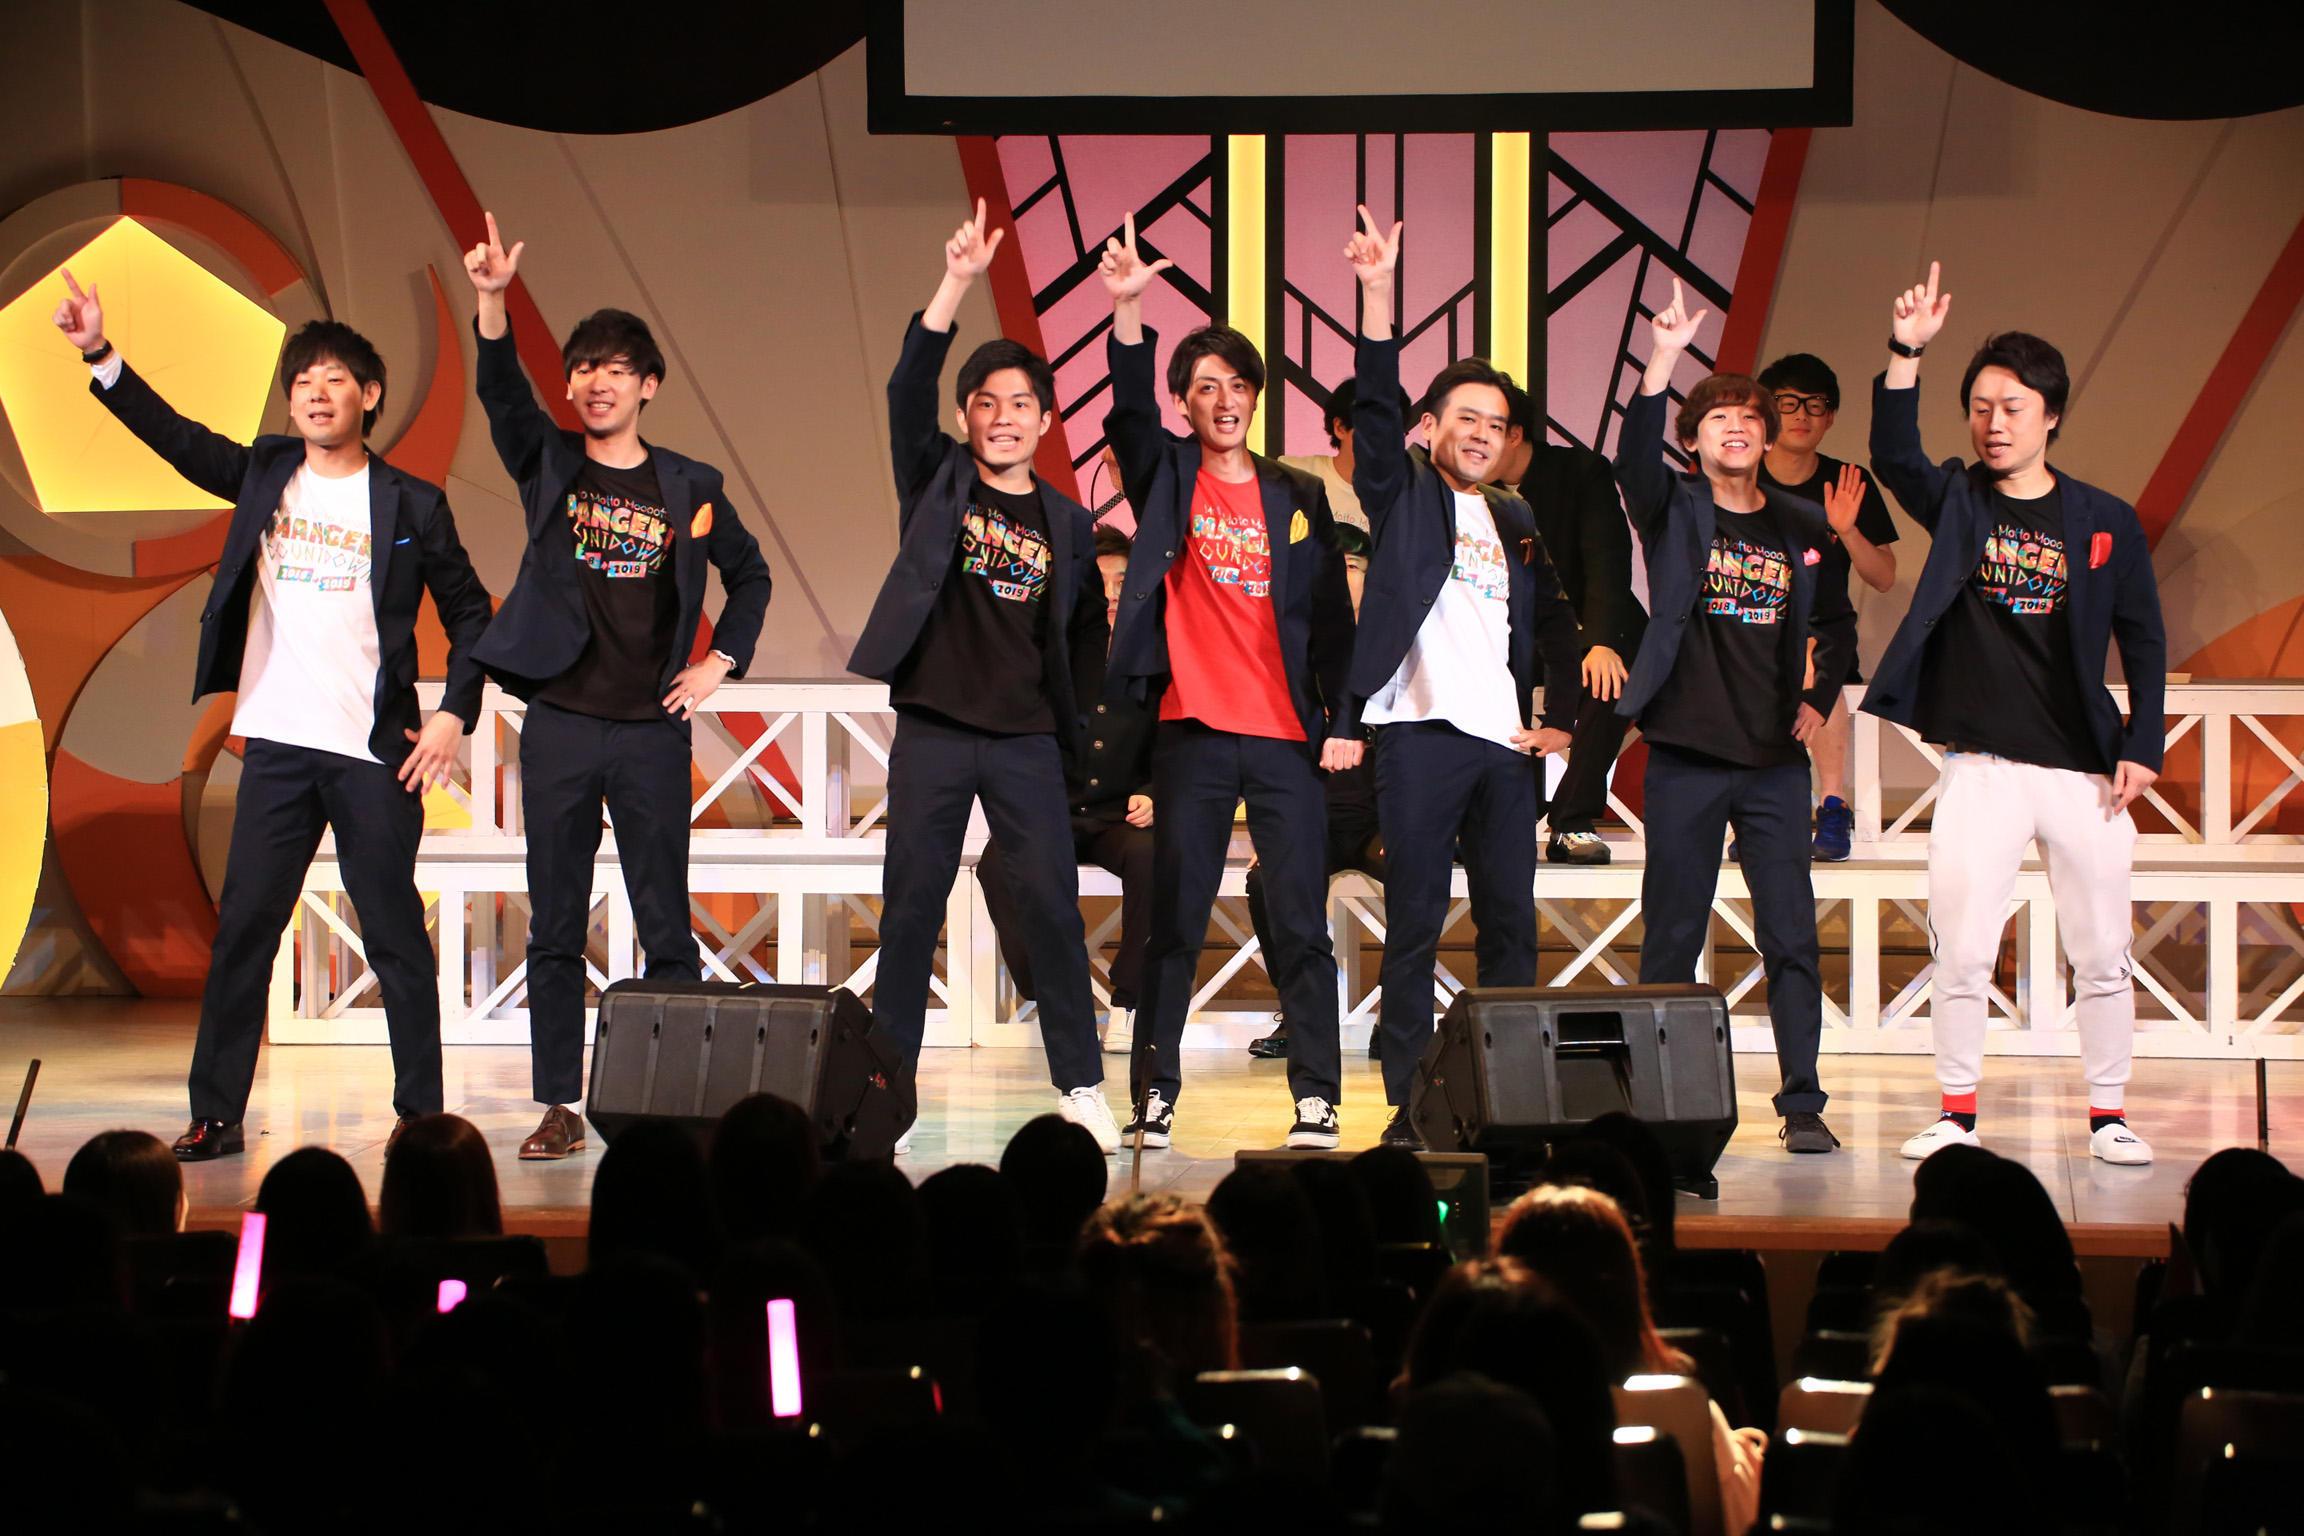 http://news.yoshimoto.co.jp/20190101110818-a4899fc7b400e2434001b049e9a9e58deb63f099.jpg